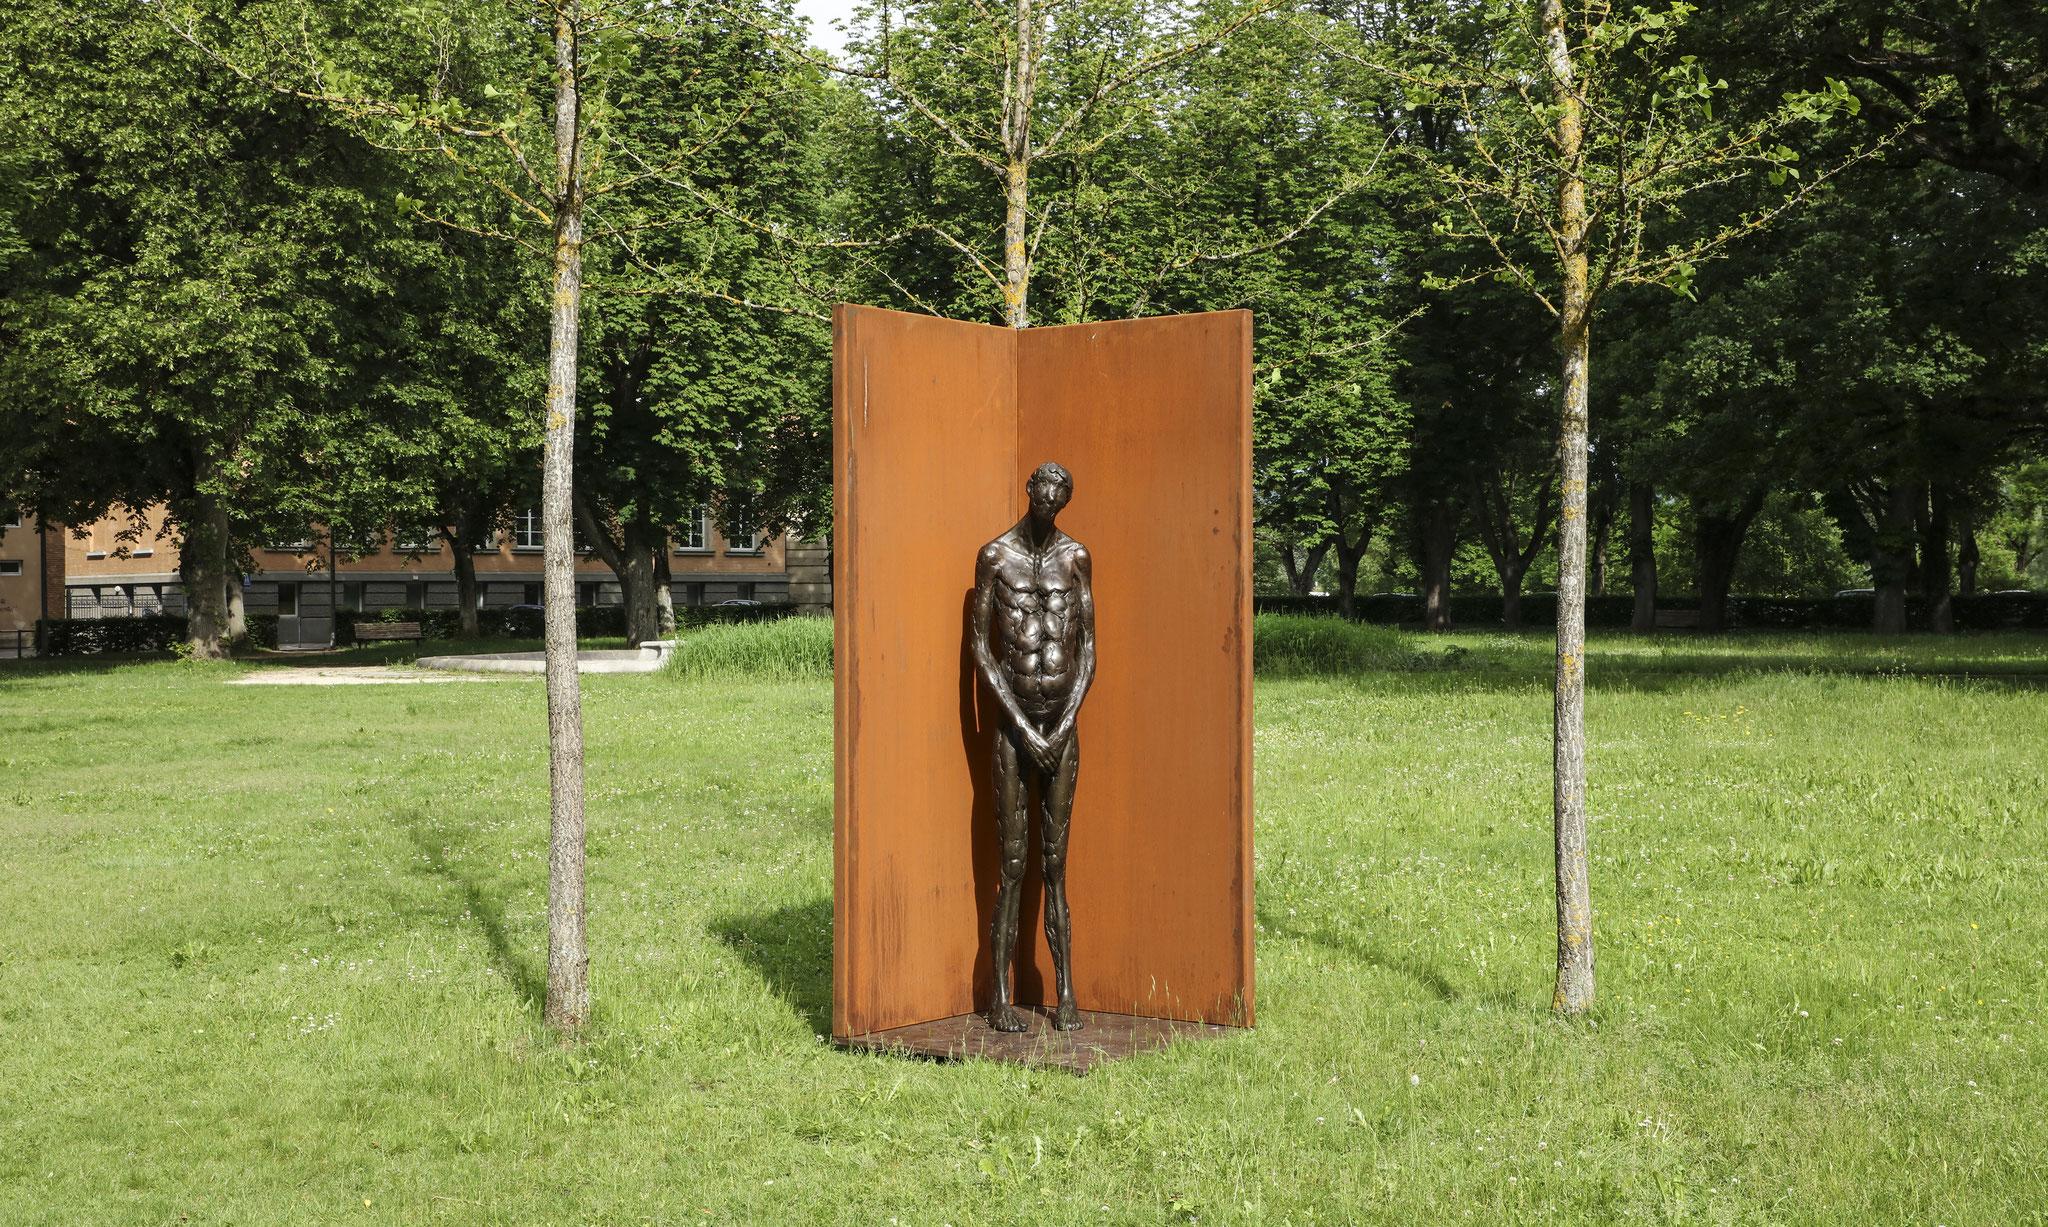 ROLAND MARTIN Der Kandidat, 1997/2019 Bronze, Corten